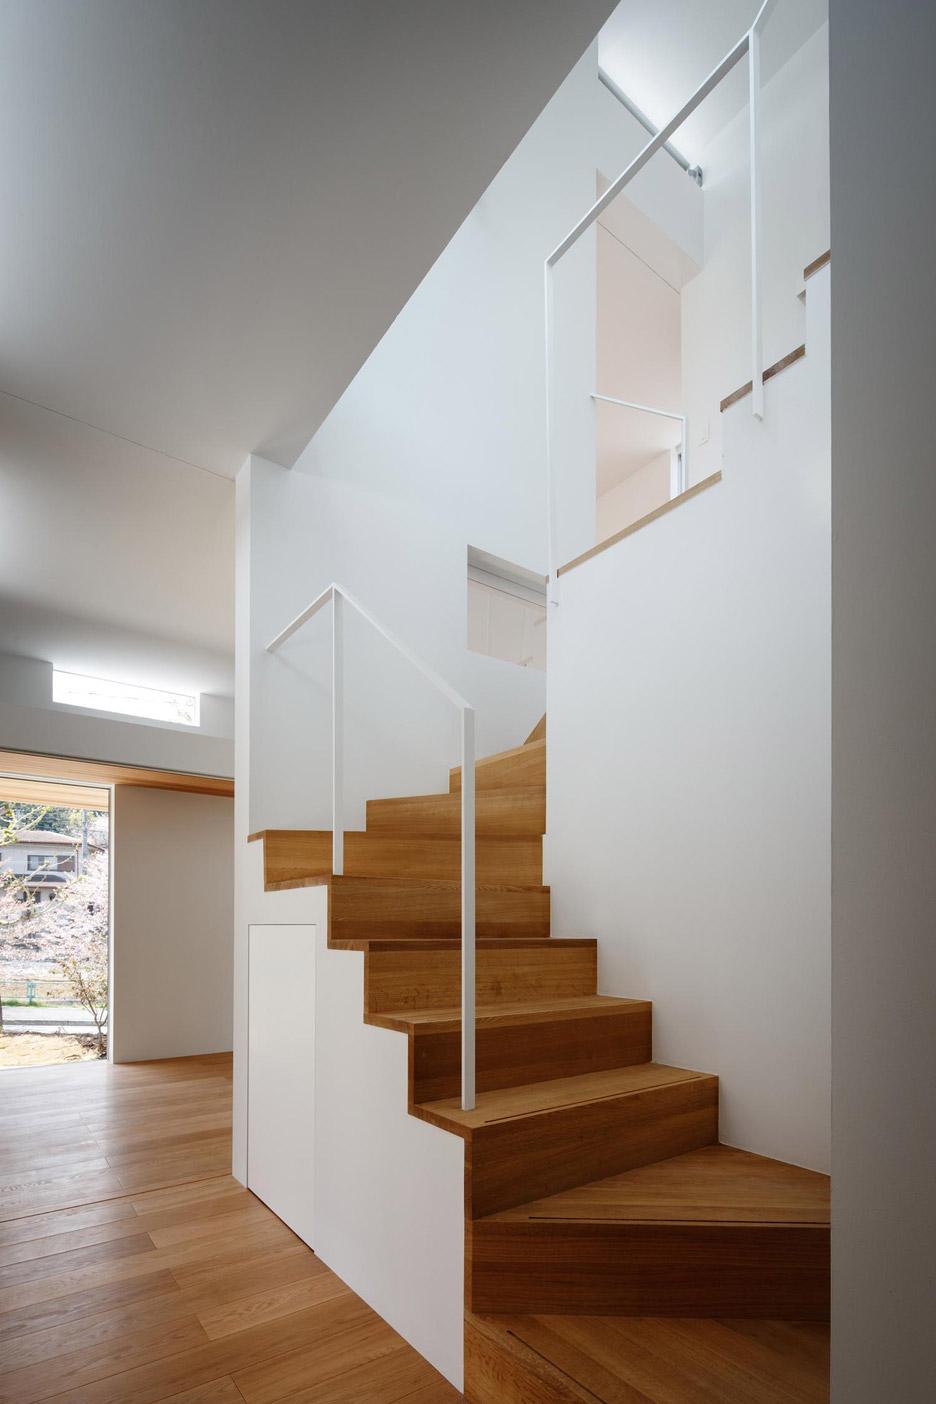 House in Okazaki by Kazuki Moroe Architects